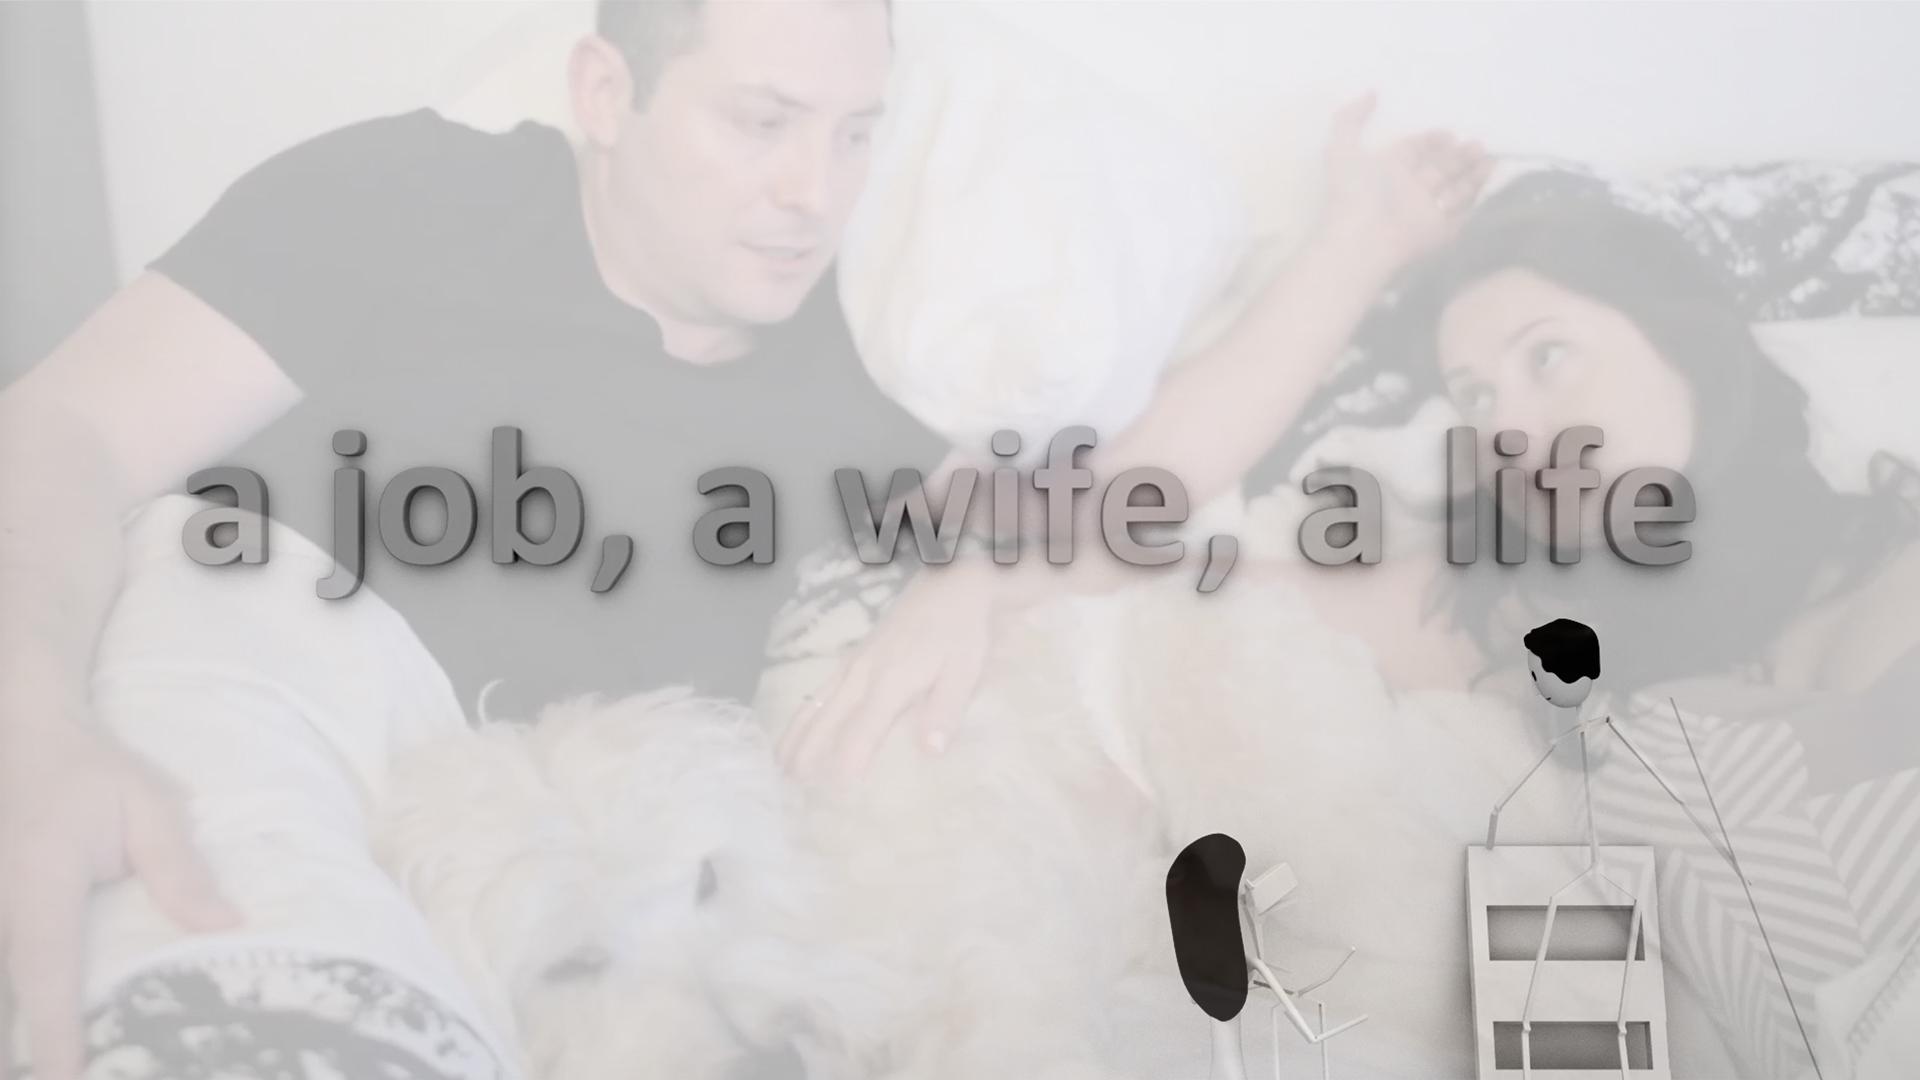 A Job, a Wife, a Life